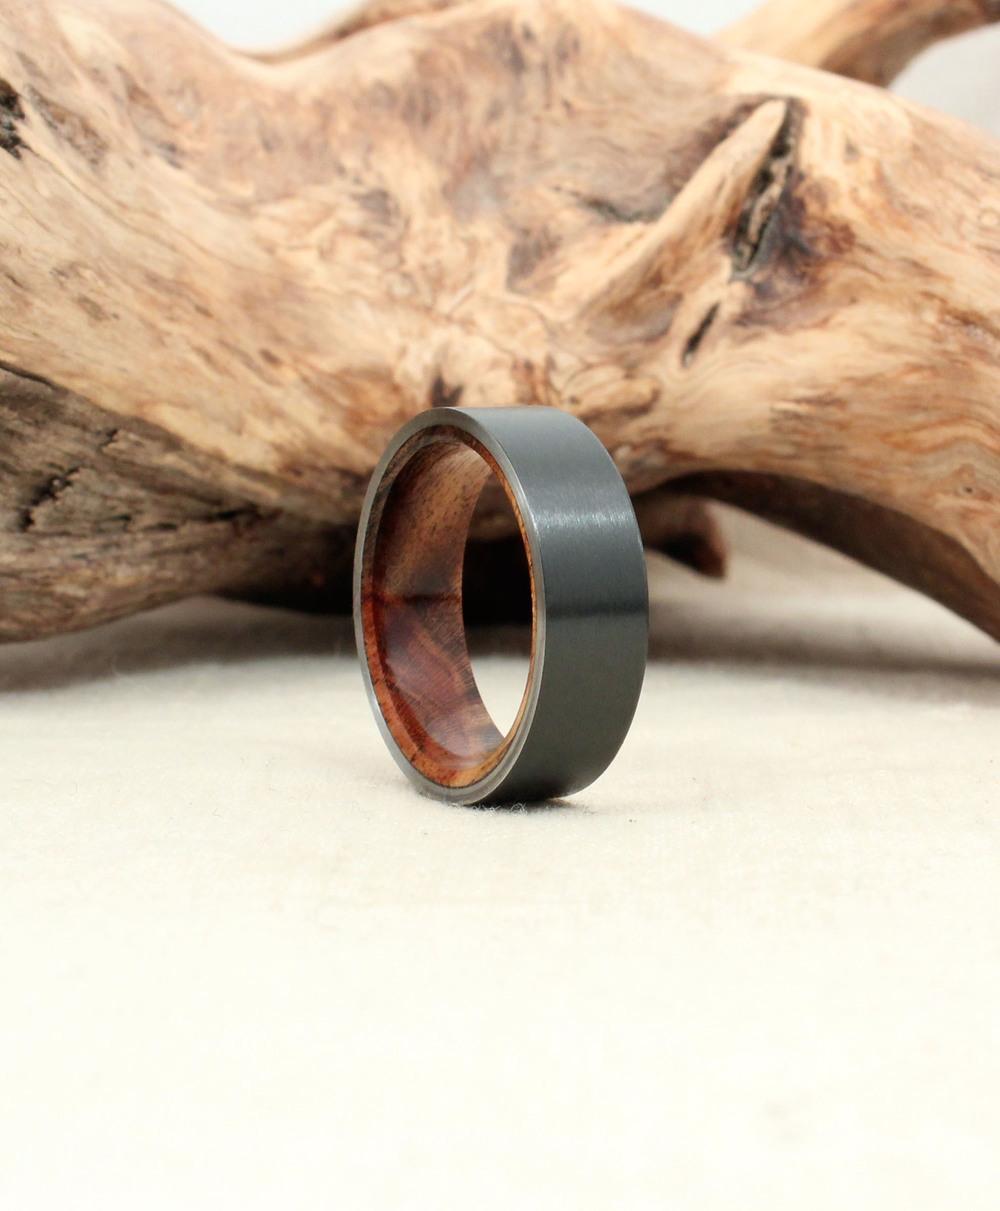 Black Zirconium and Pistachio Wood Ring